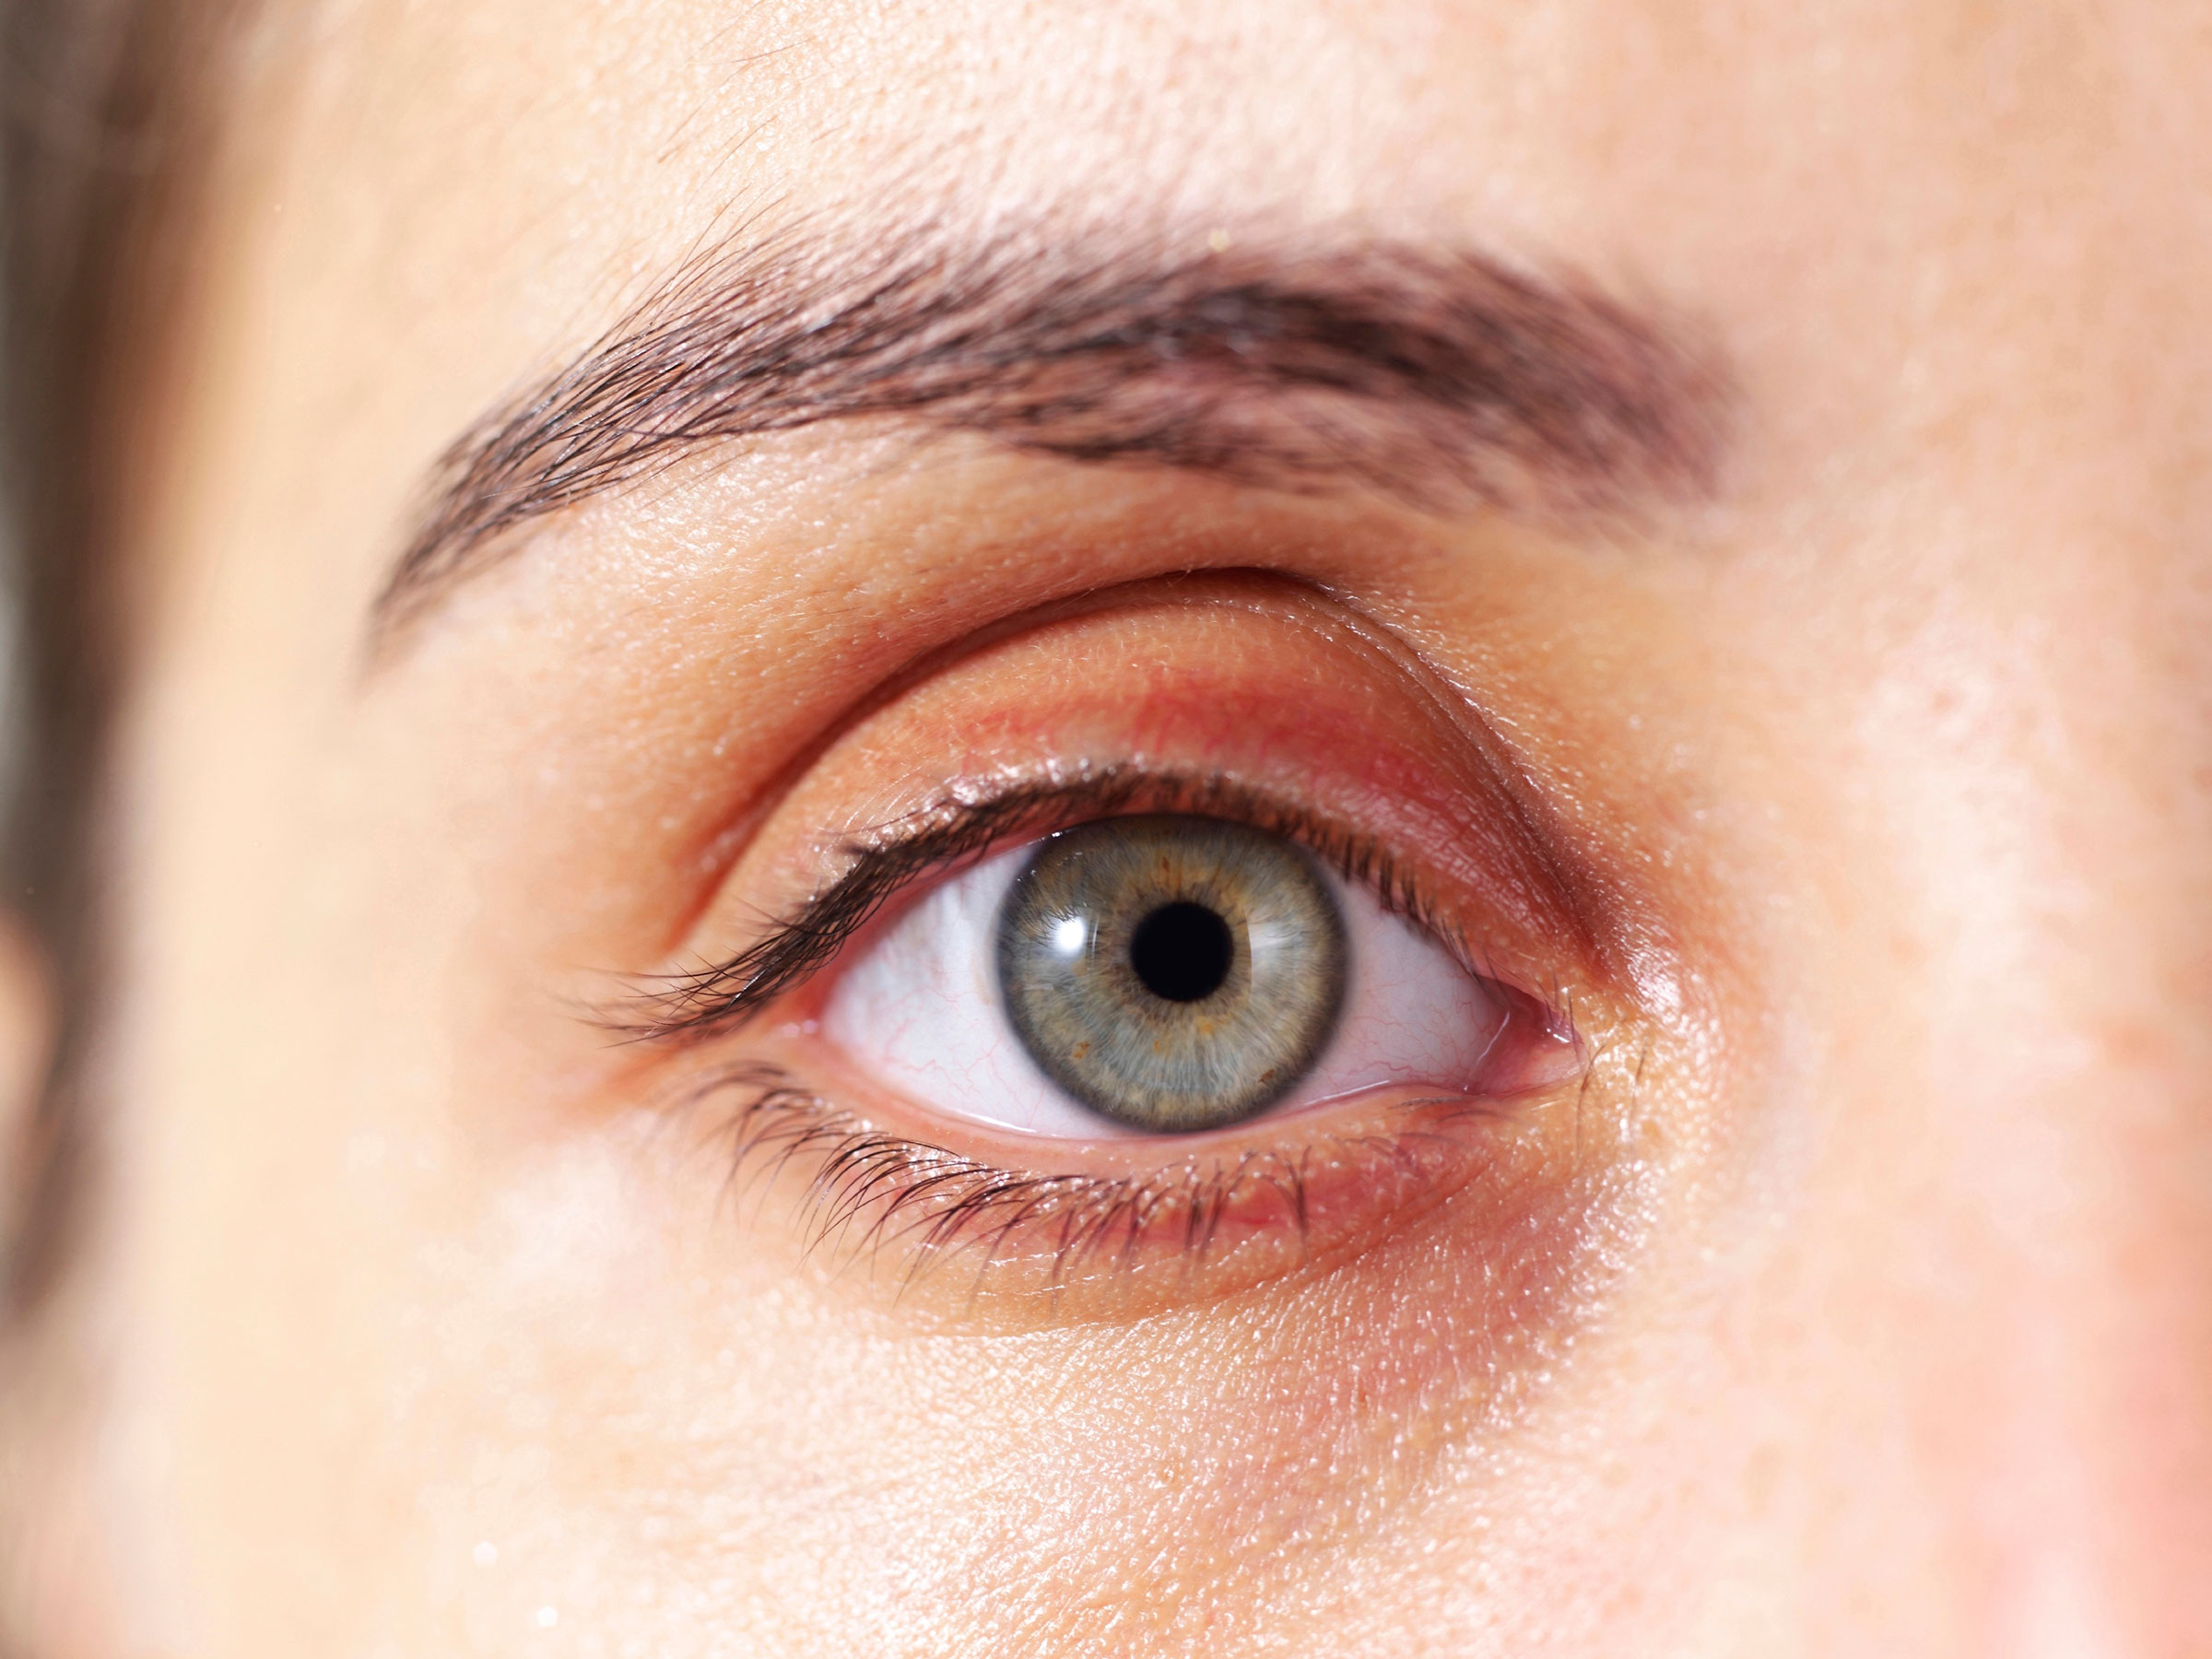 Как убрать жировик с глаза в домашних условиях